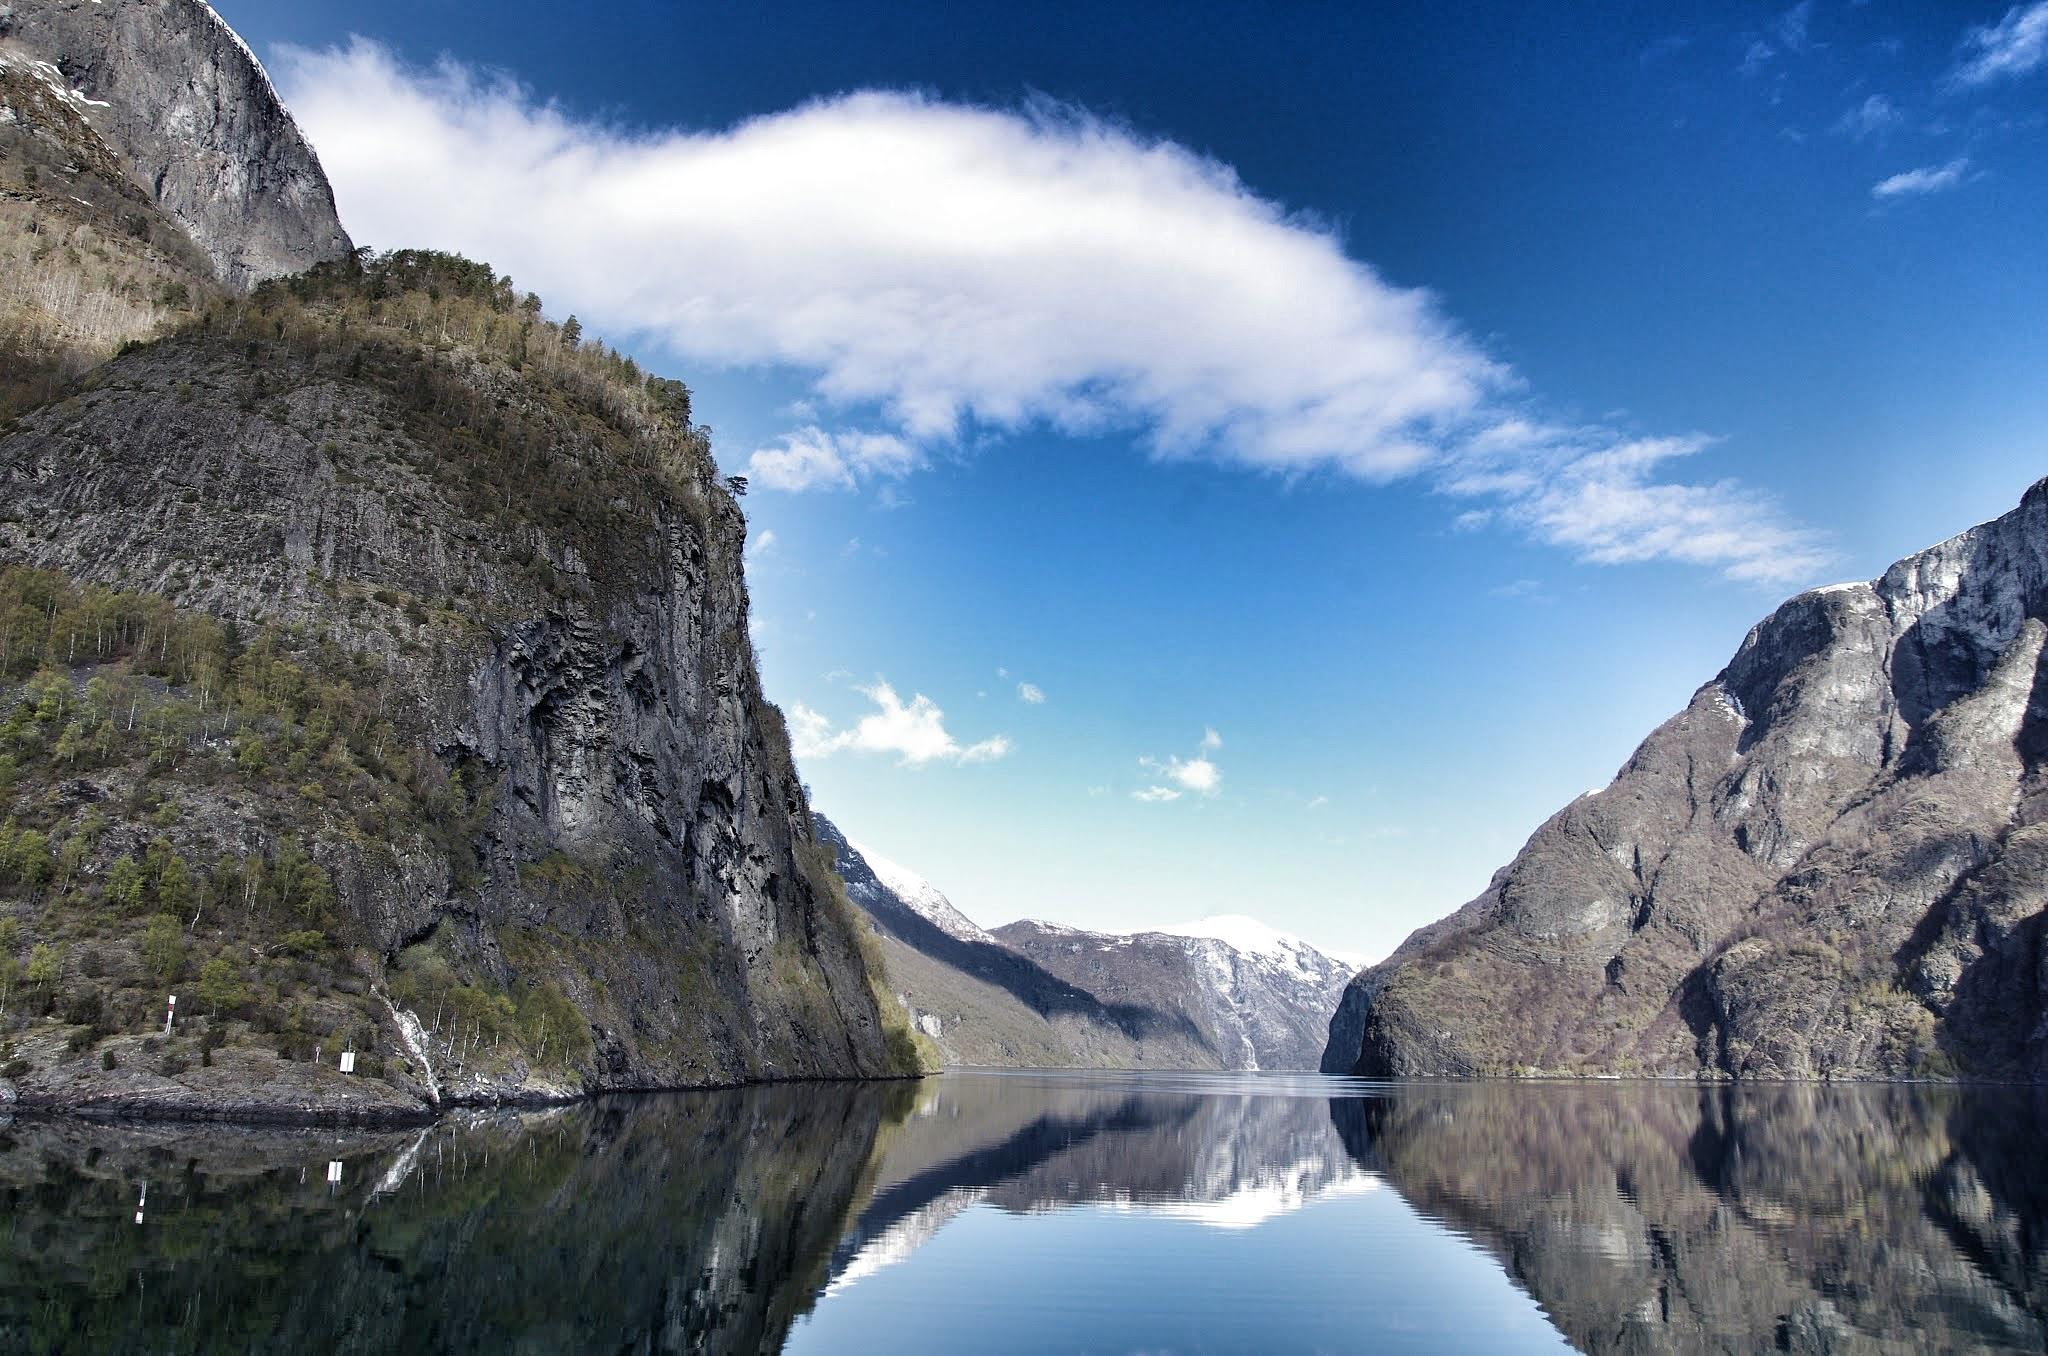 Cloud on fjord by Sjoerd Weiland